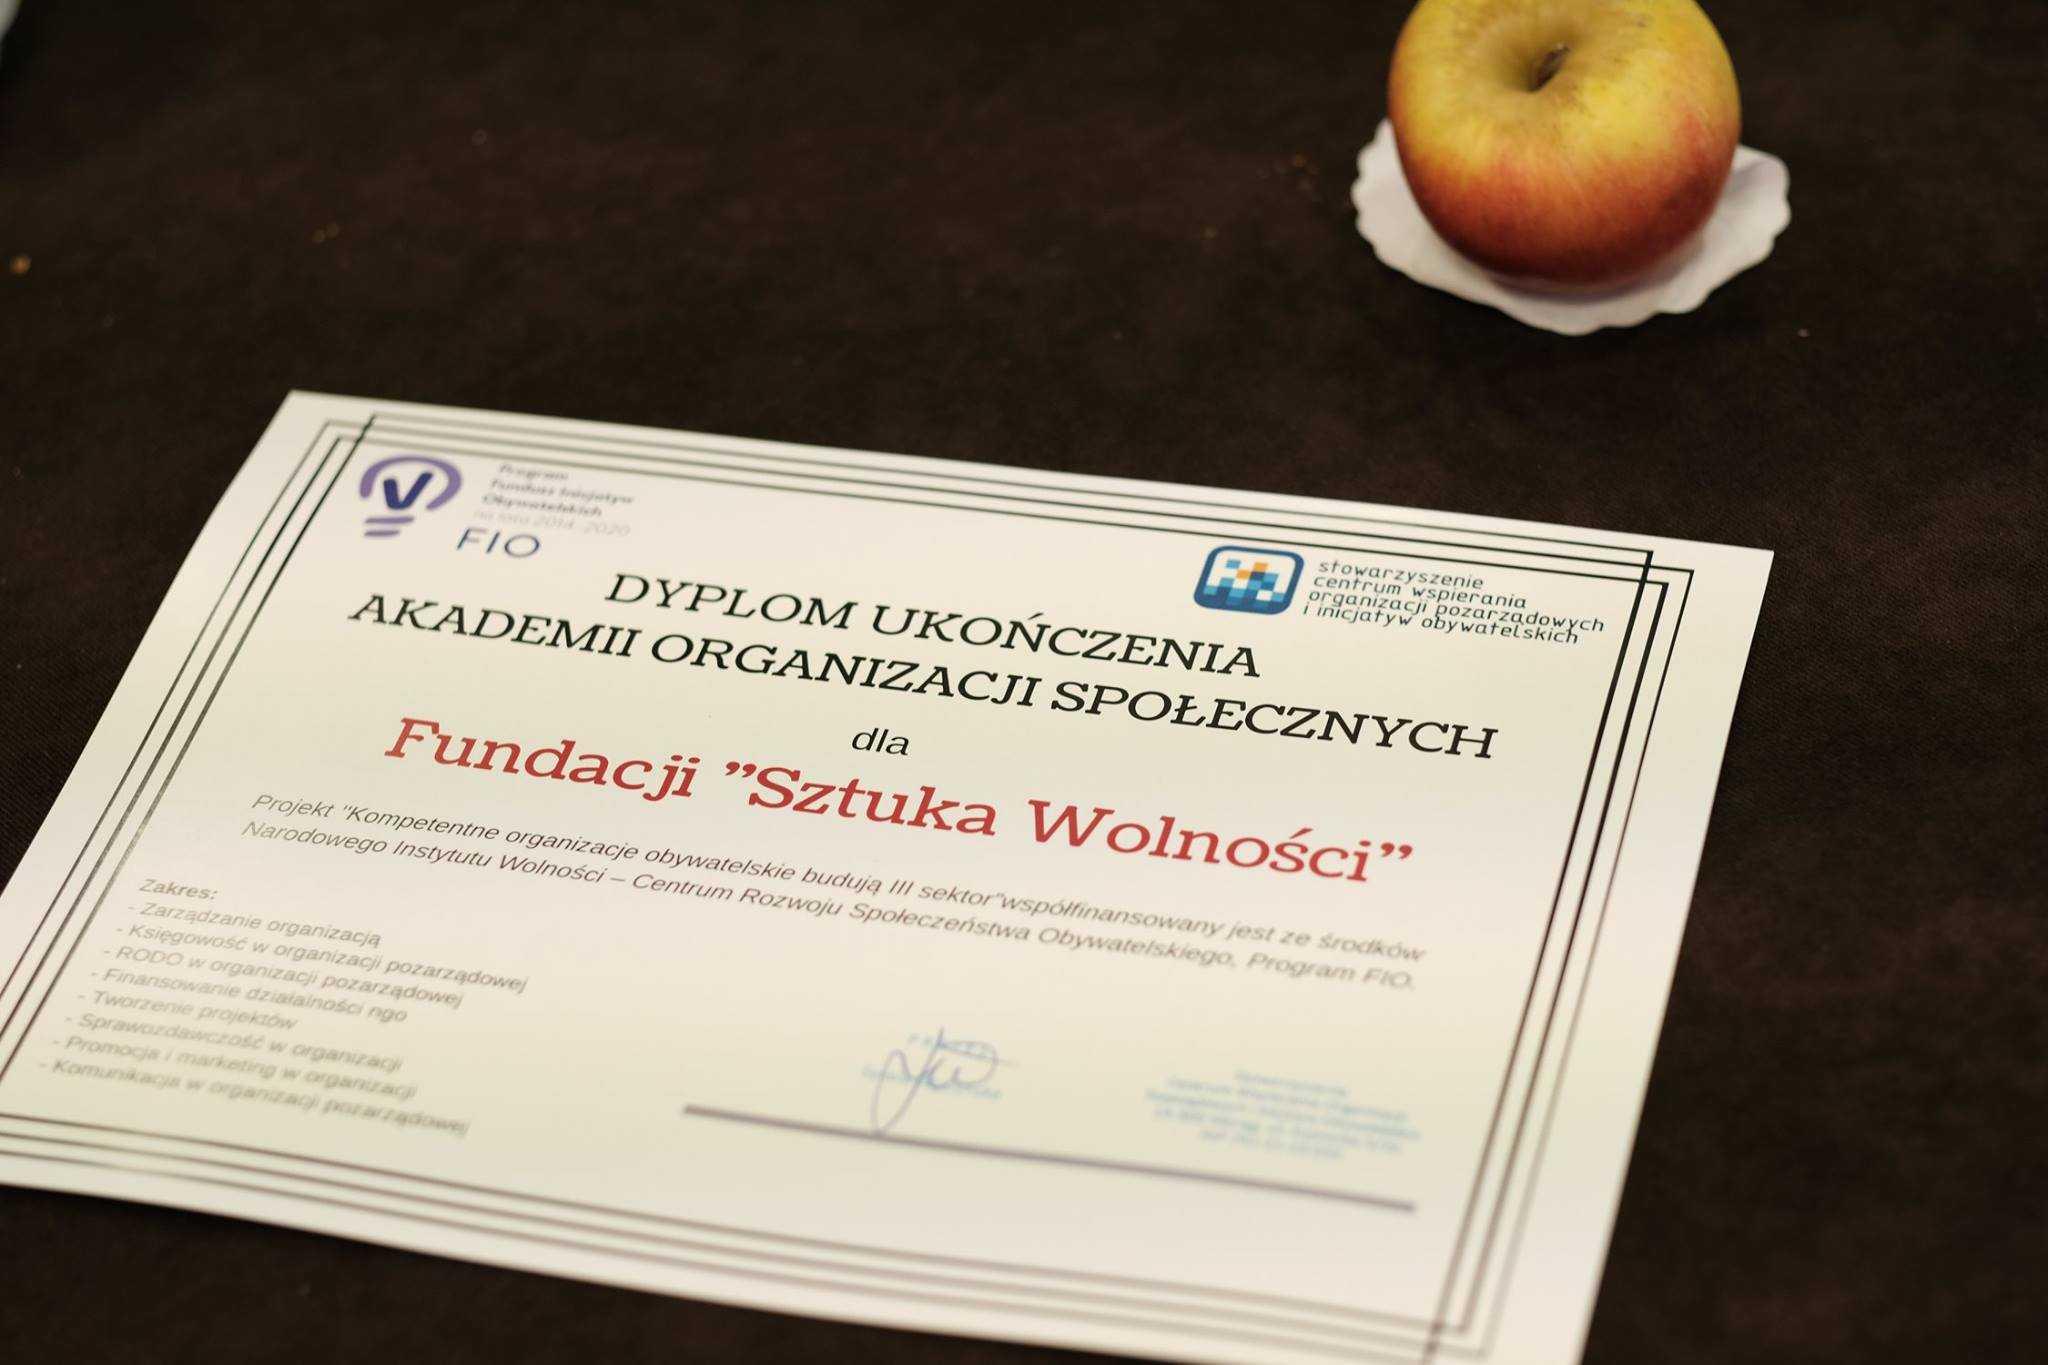 Fundacja Sztuka Wolności ukończyła Akademię Organizacji Społecznych